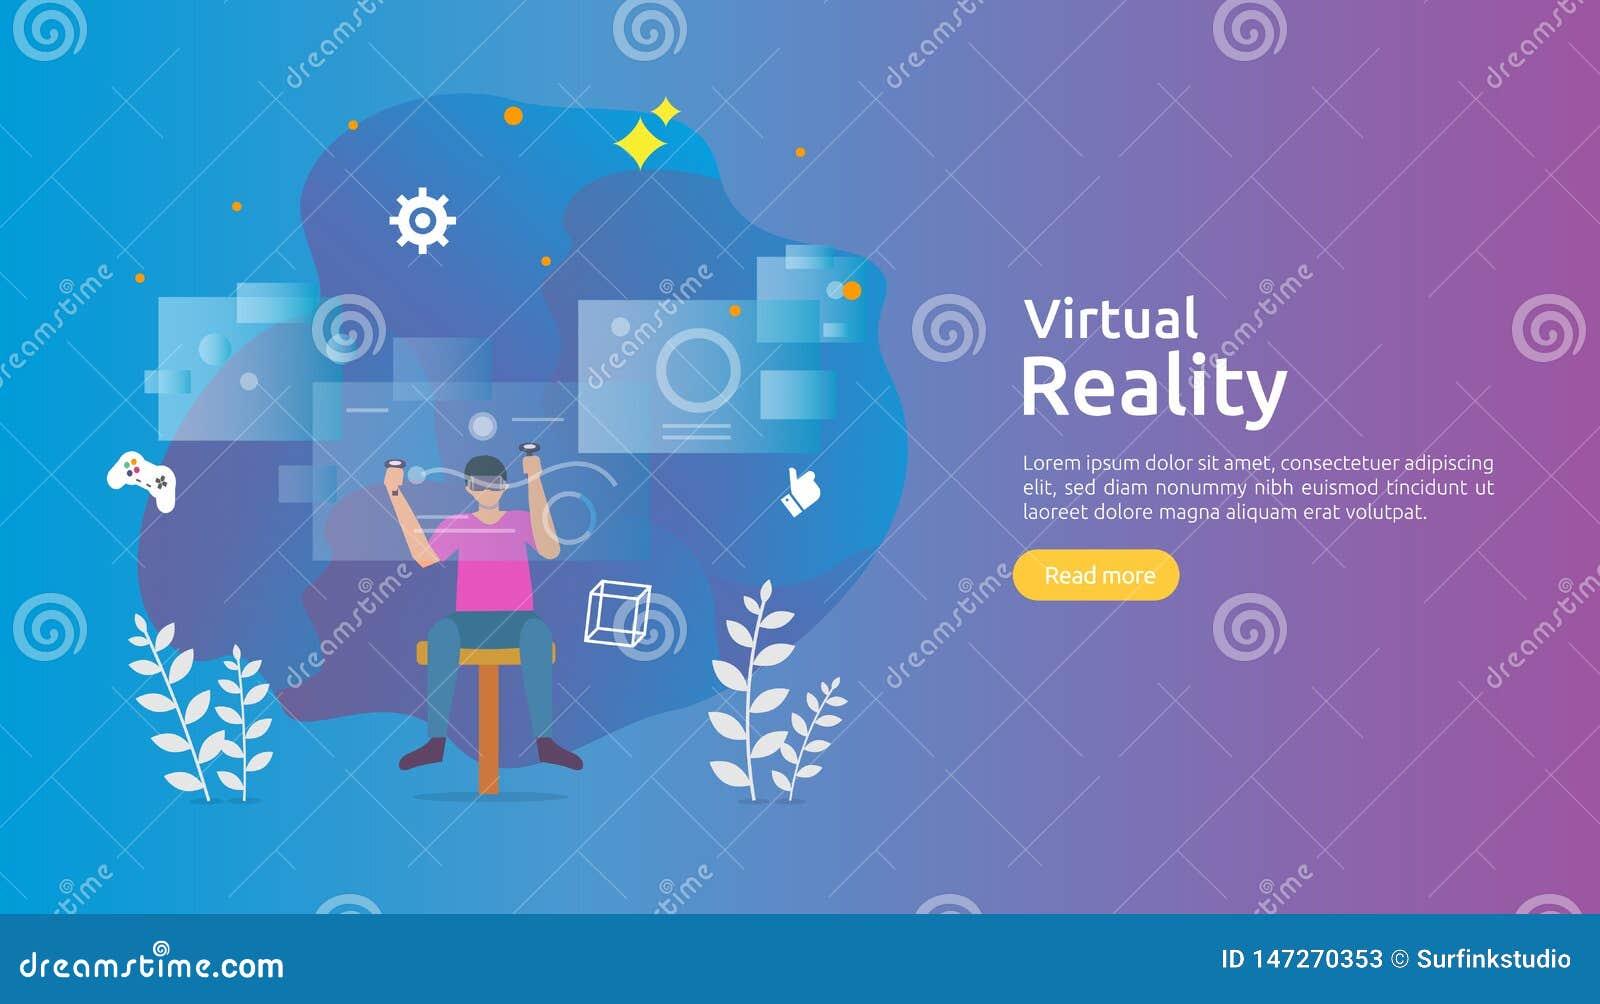 Wirtualna zwi?kszaj?ca rzeczywisto?? ludzie charakteru dotyka VR interfejs i jest ubranym gogle bawi? si? gry, edukacja, zabawia,